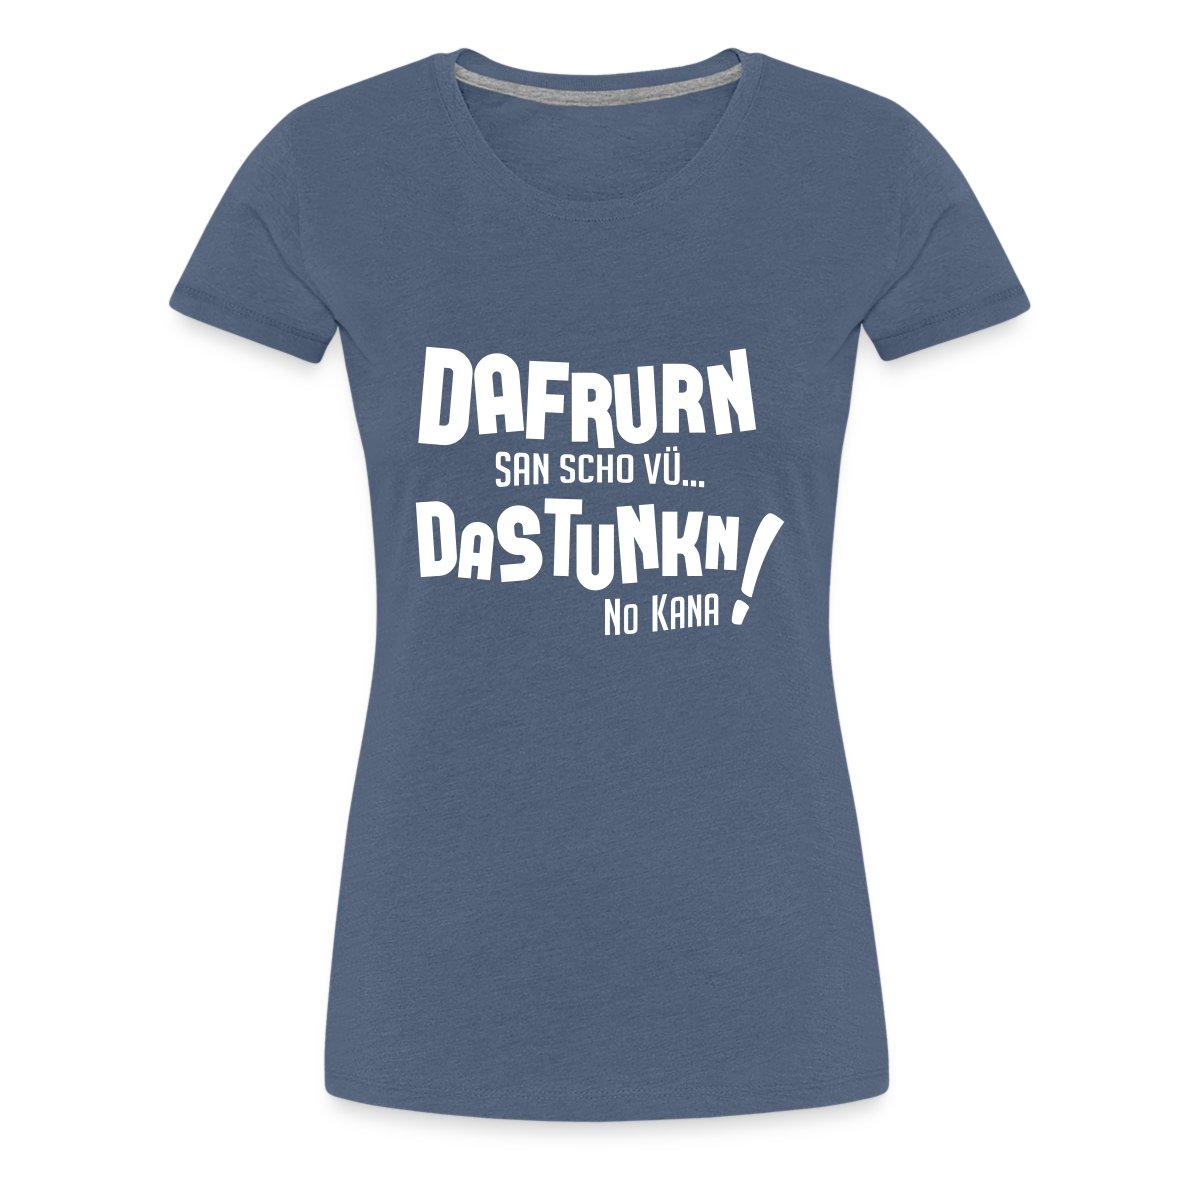 8fa55e1873dac Dafrurn san scho vü, dastunkn no kana! - Frauen Premium T-Shirt | Dafrurn  san scho vü, dastunkn no kana | Motive | Gscheade Leibal